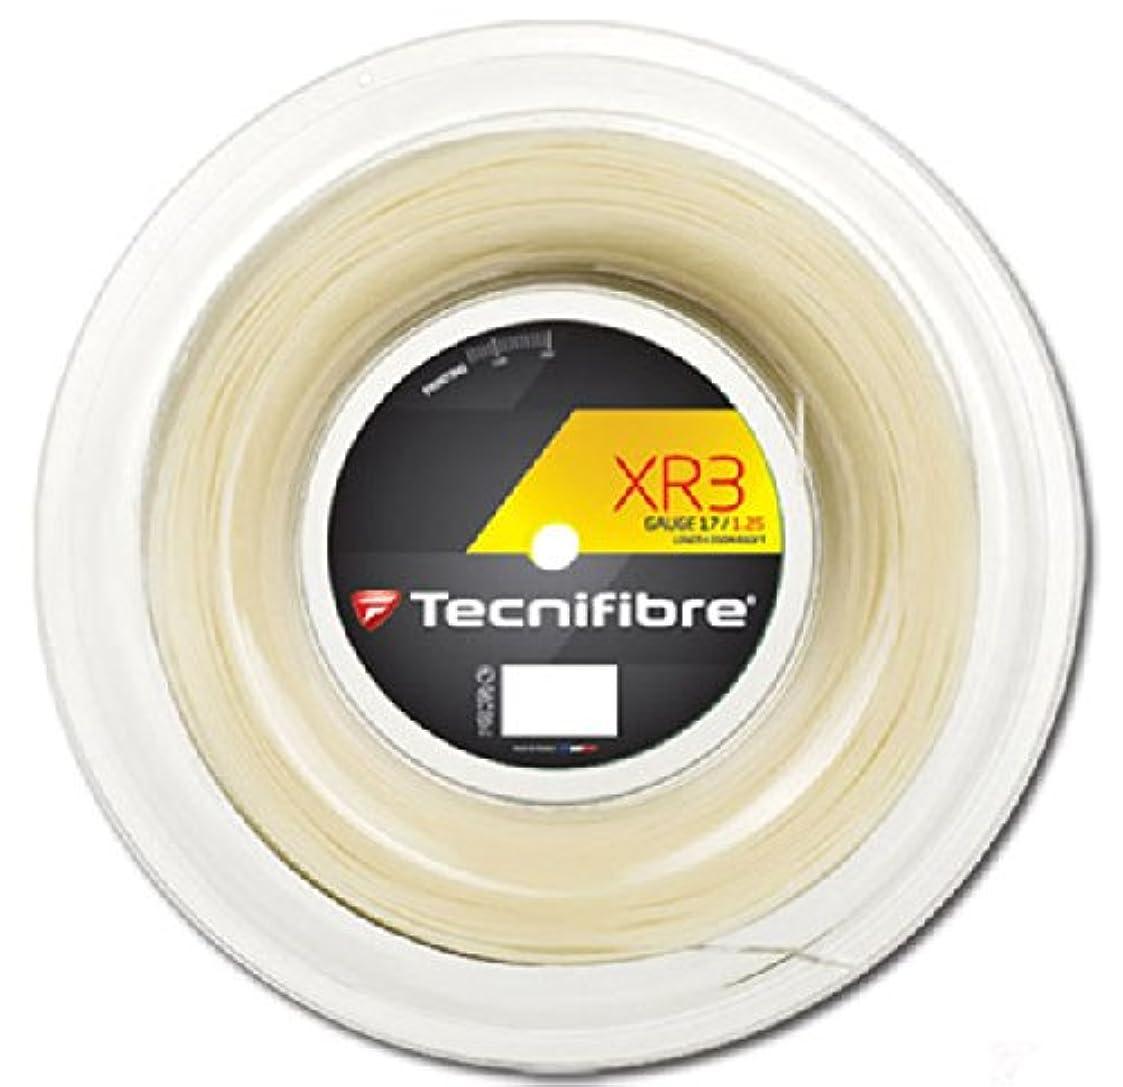 規制喪列挙するテクニファイバー(Tecnifibre) テニス ガット エックスアール3 XR3 ロールタイプ 200m